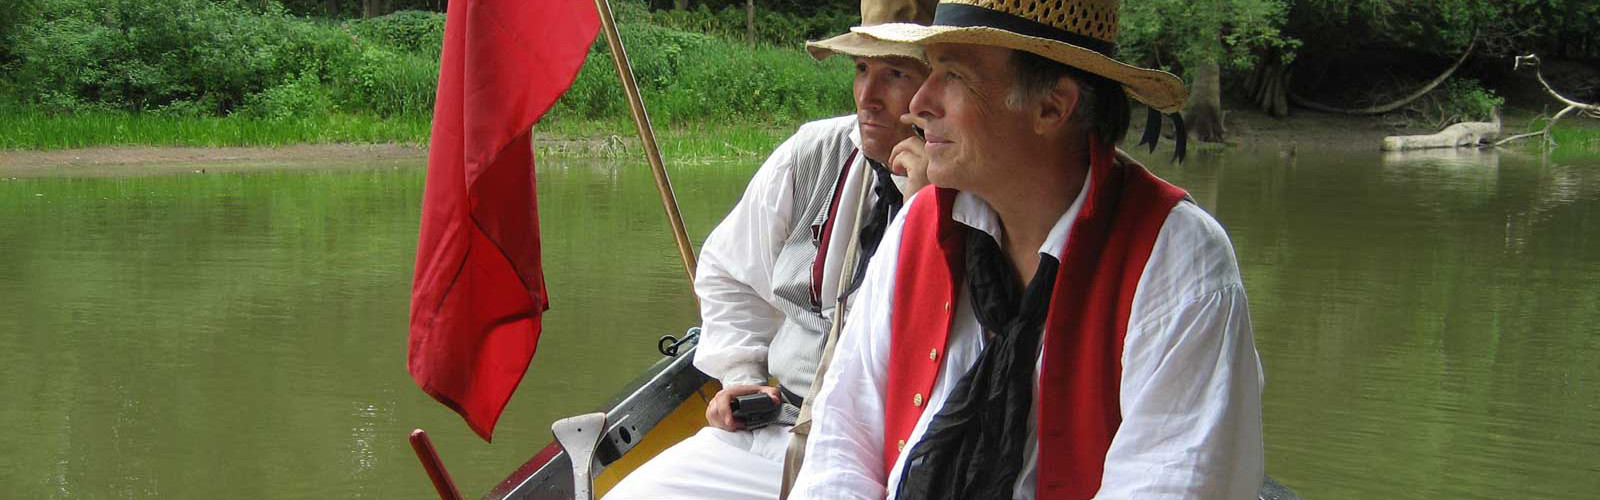 Wasaga Under Siege: River Run, 2011 - P Twist, D Brunelle